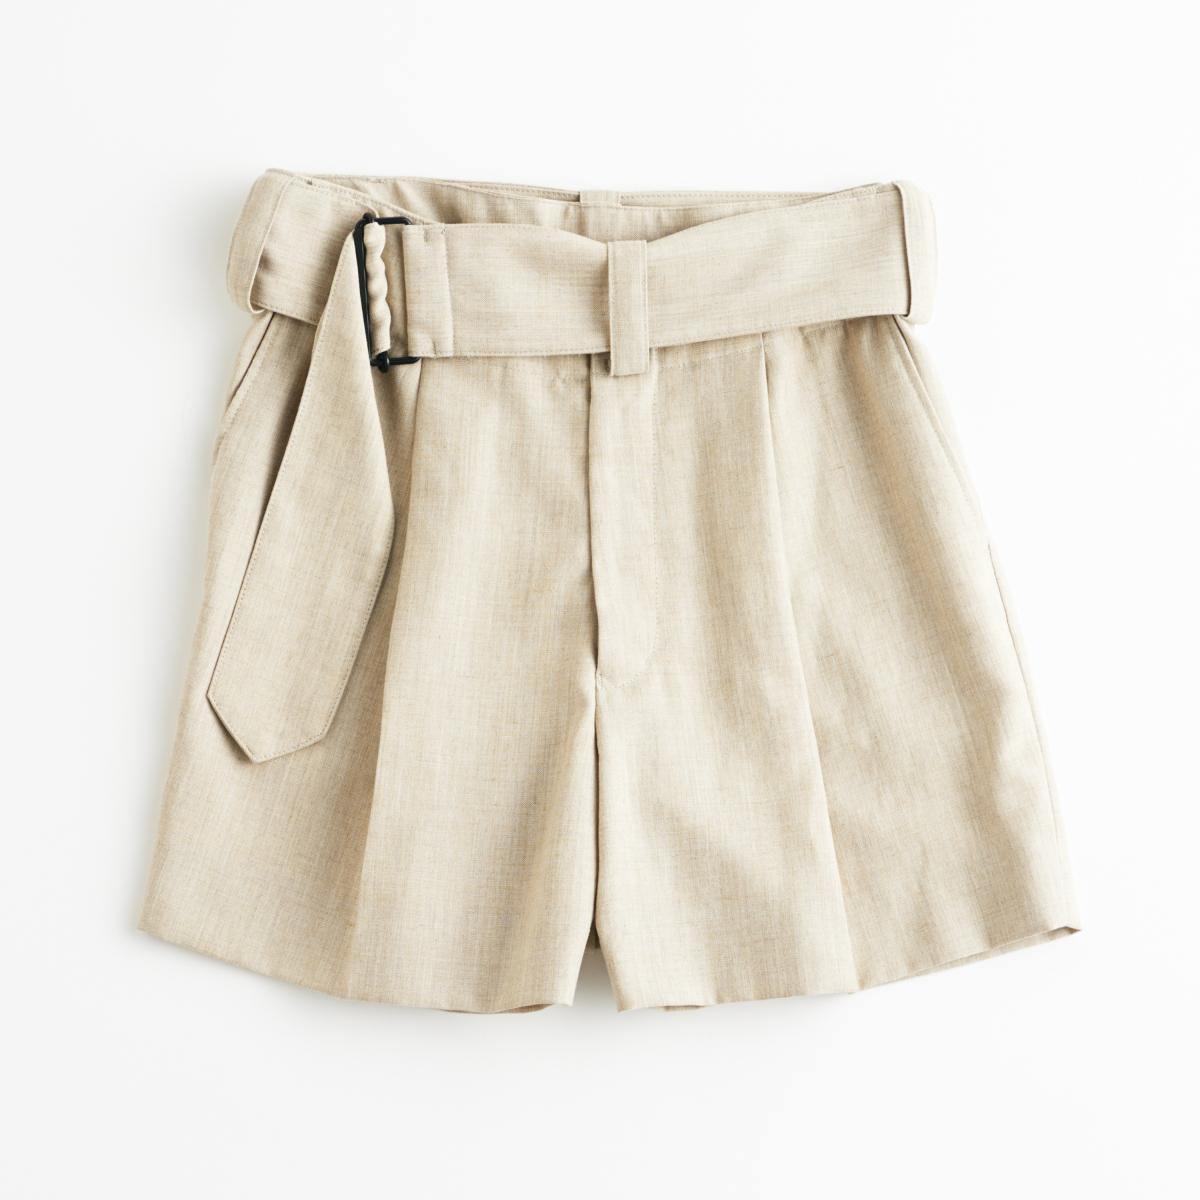 シックに穿けるきれいめショートパンツ【ハイク】